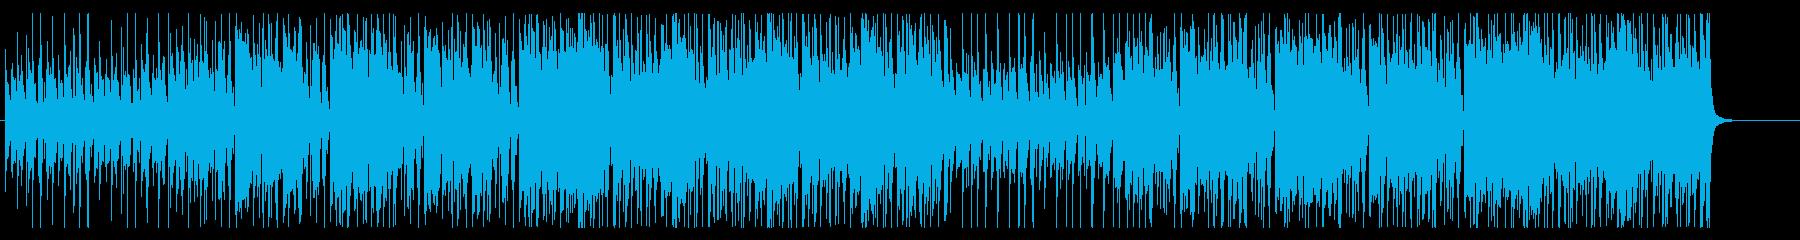 勢いがあるアップテンポで可愛いBGMの再生済みの波形